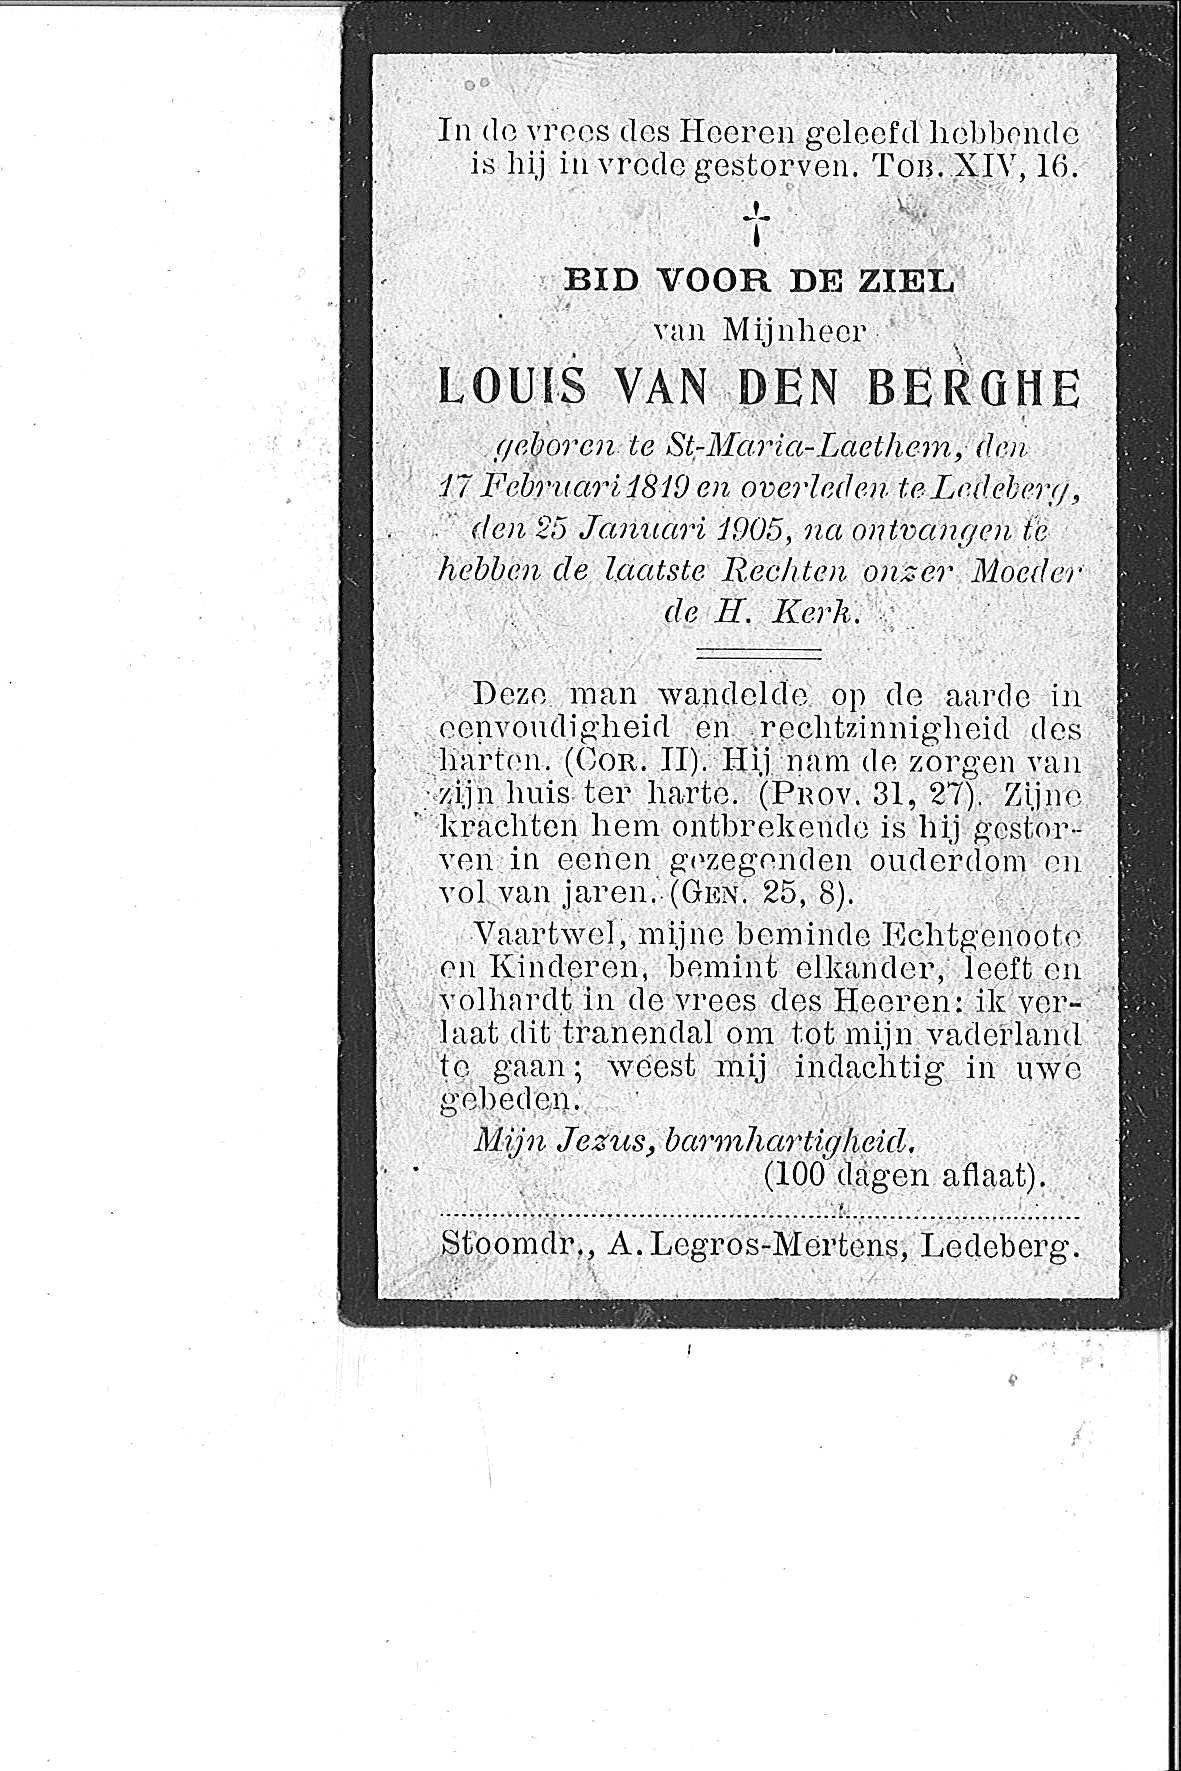 Louis(1905)20150806133810_00104.jpg